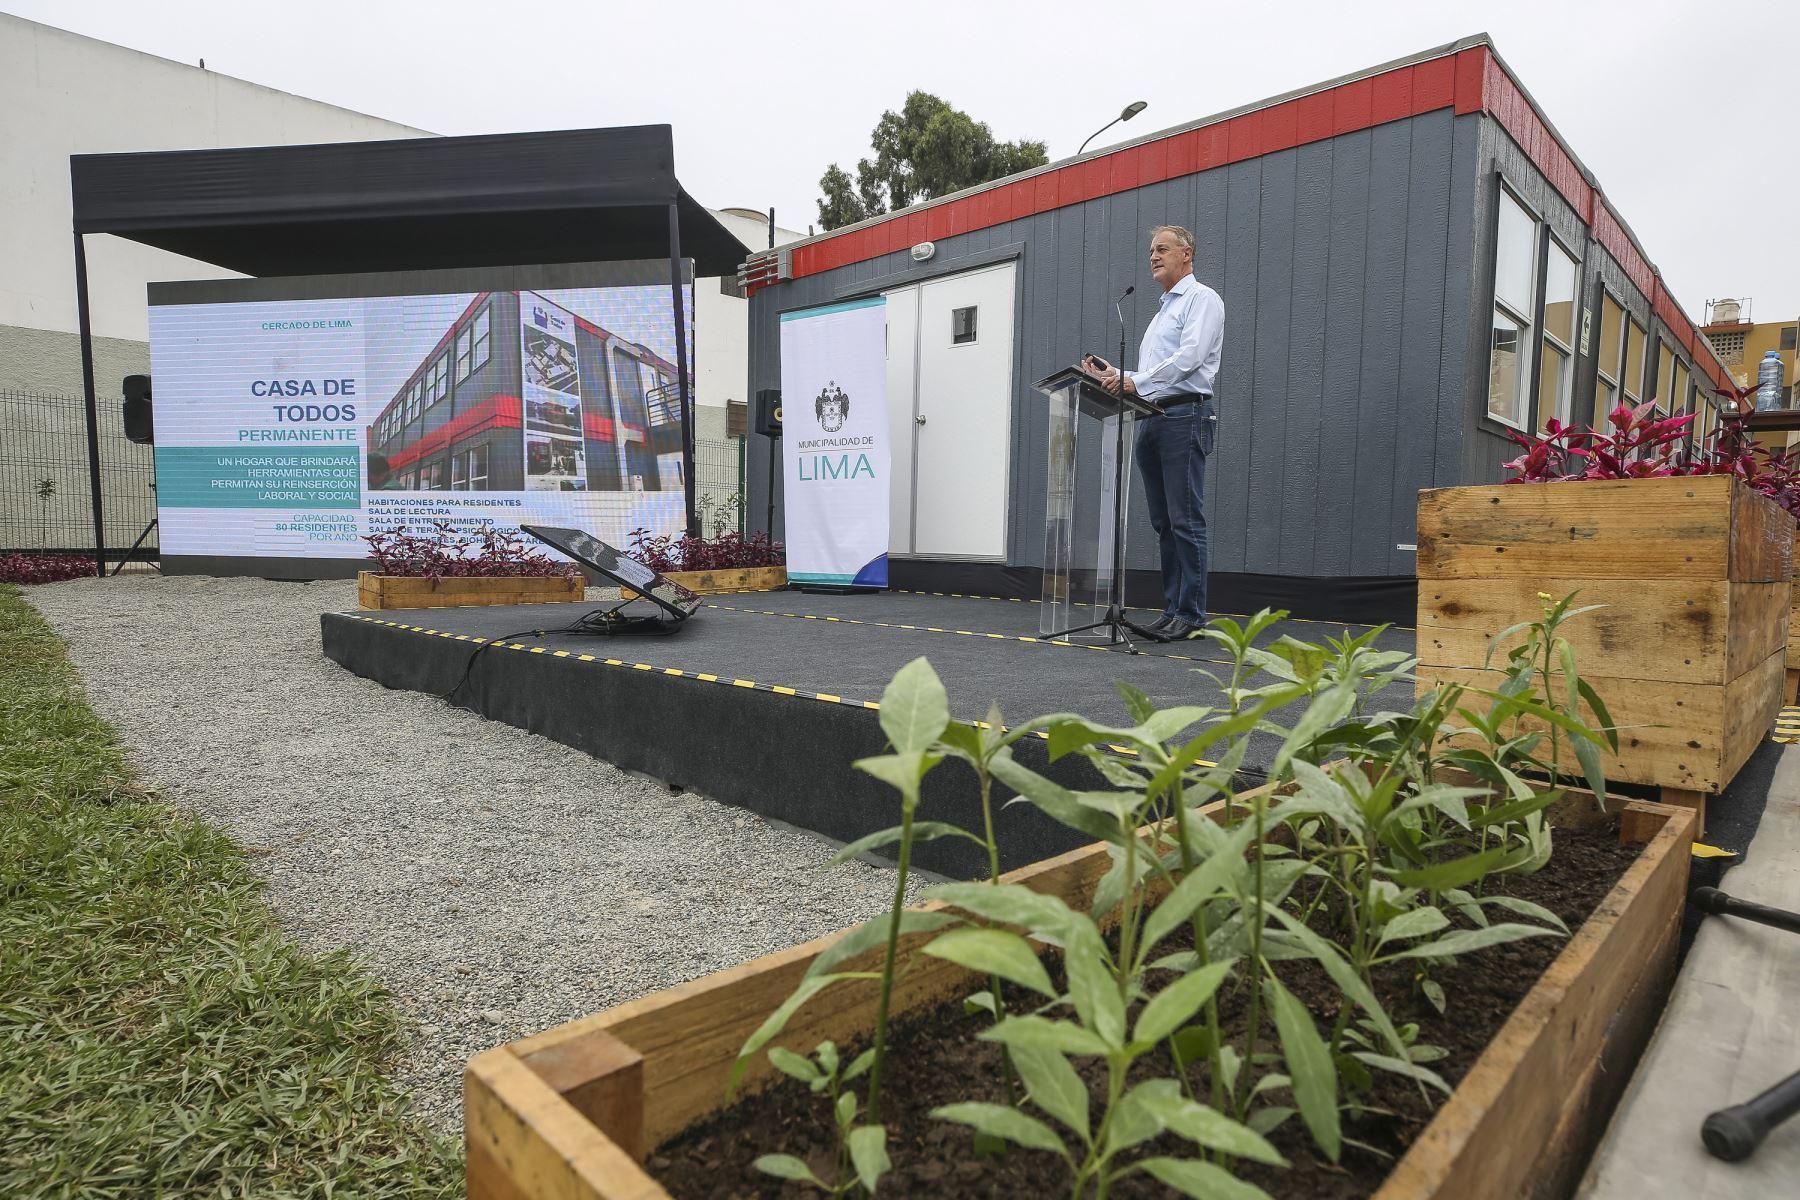 Alcalde Jorge Muñoz presenta Casa de Todos Permanente y ofrece balance de gestión 2019 - 2020. Foto: ANDINA/Municipalidad de Lima